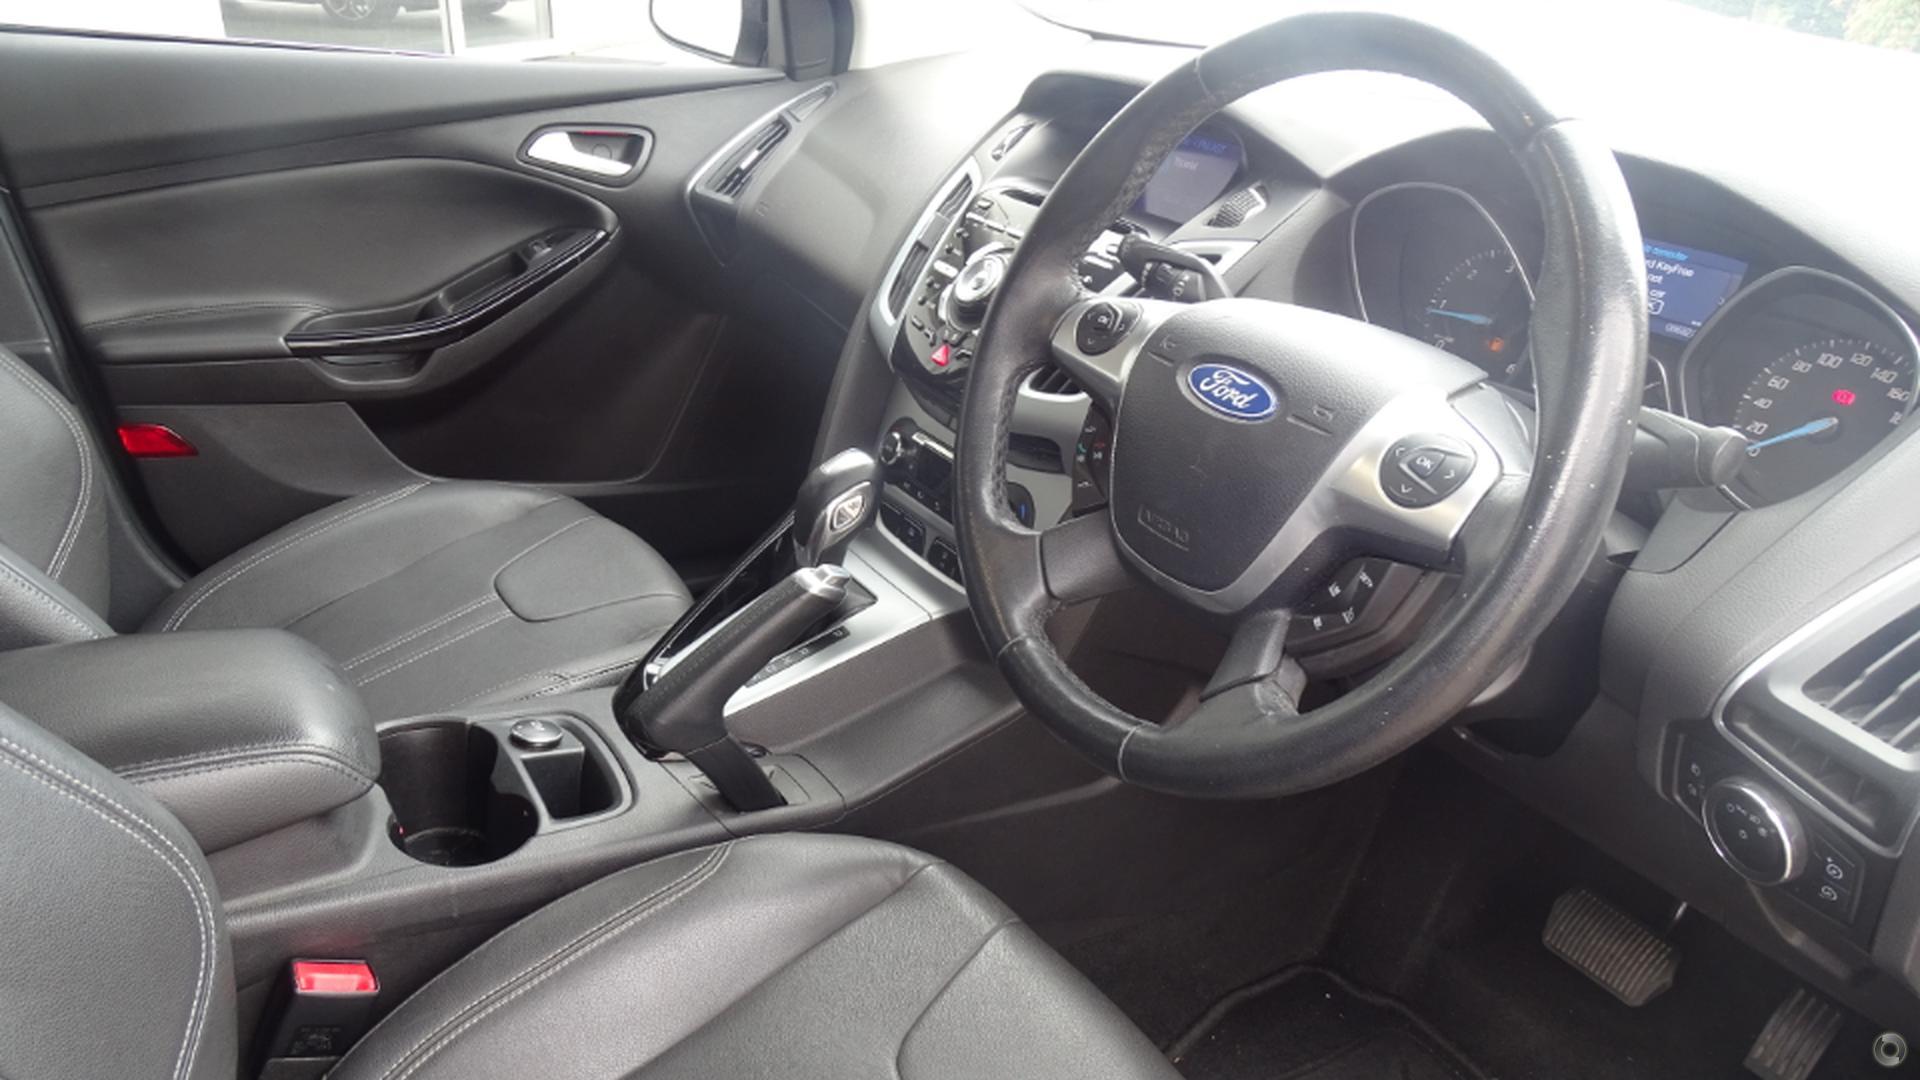 2012 Ford Focus Titanium LW MKII